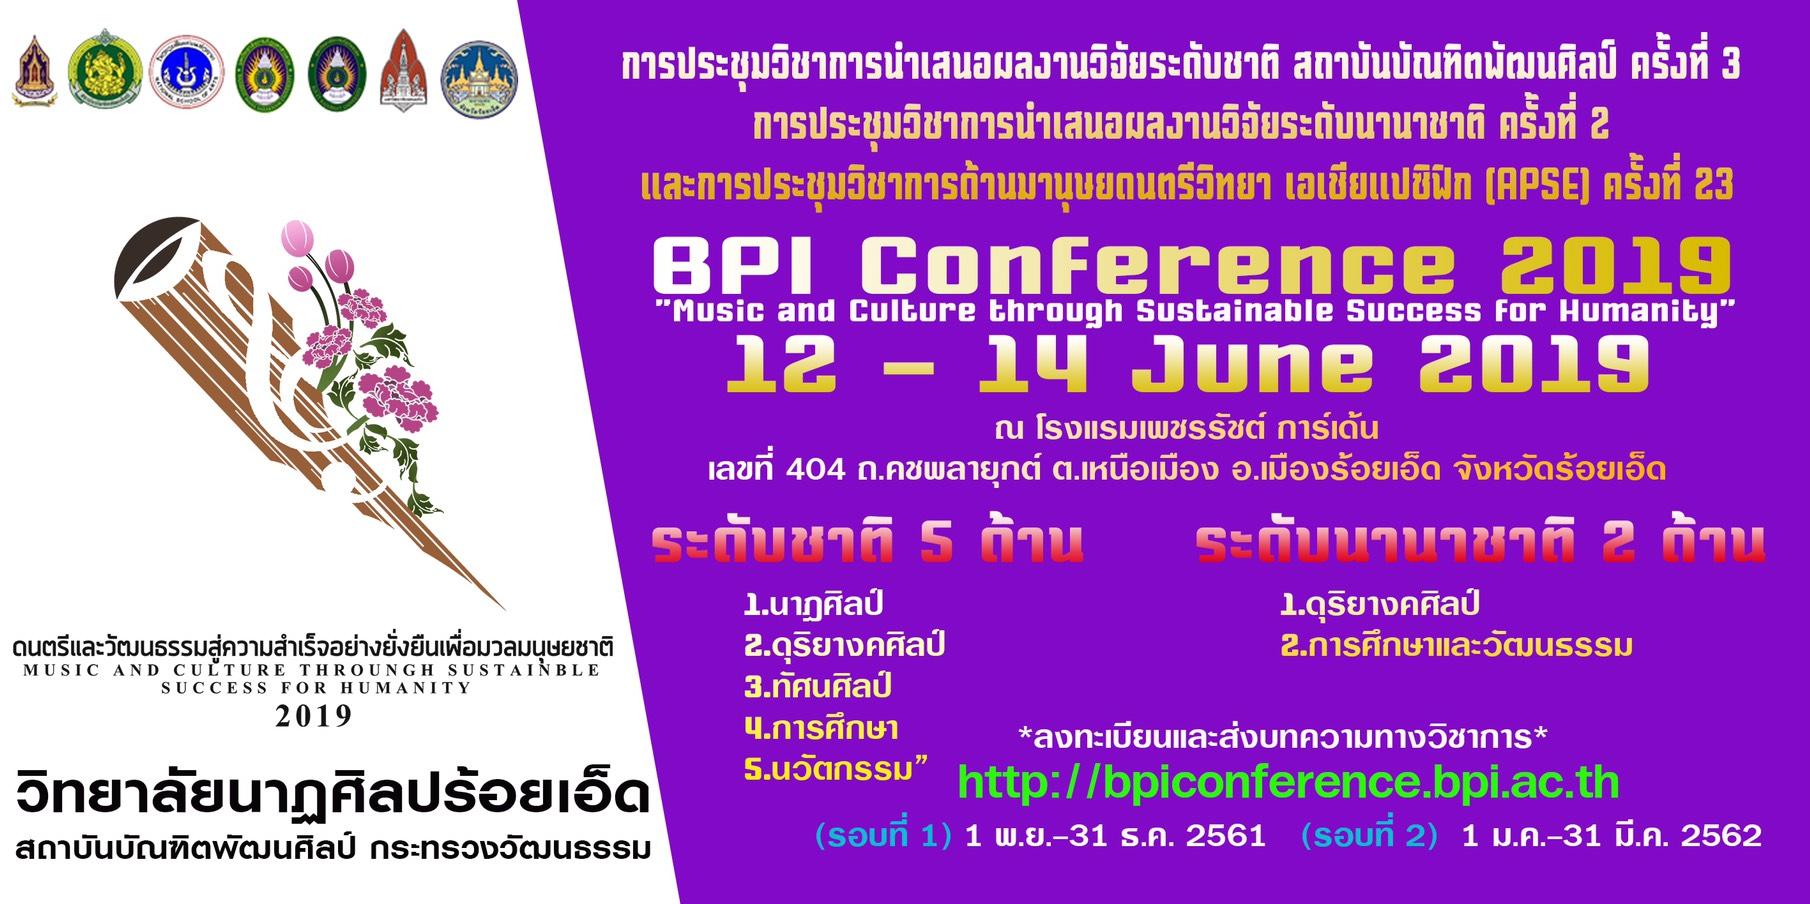 BPI Conference 2019